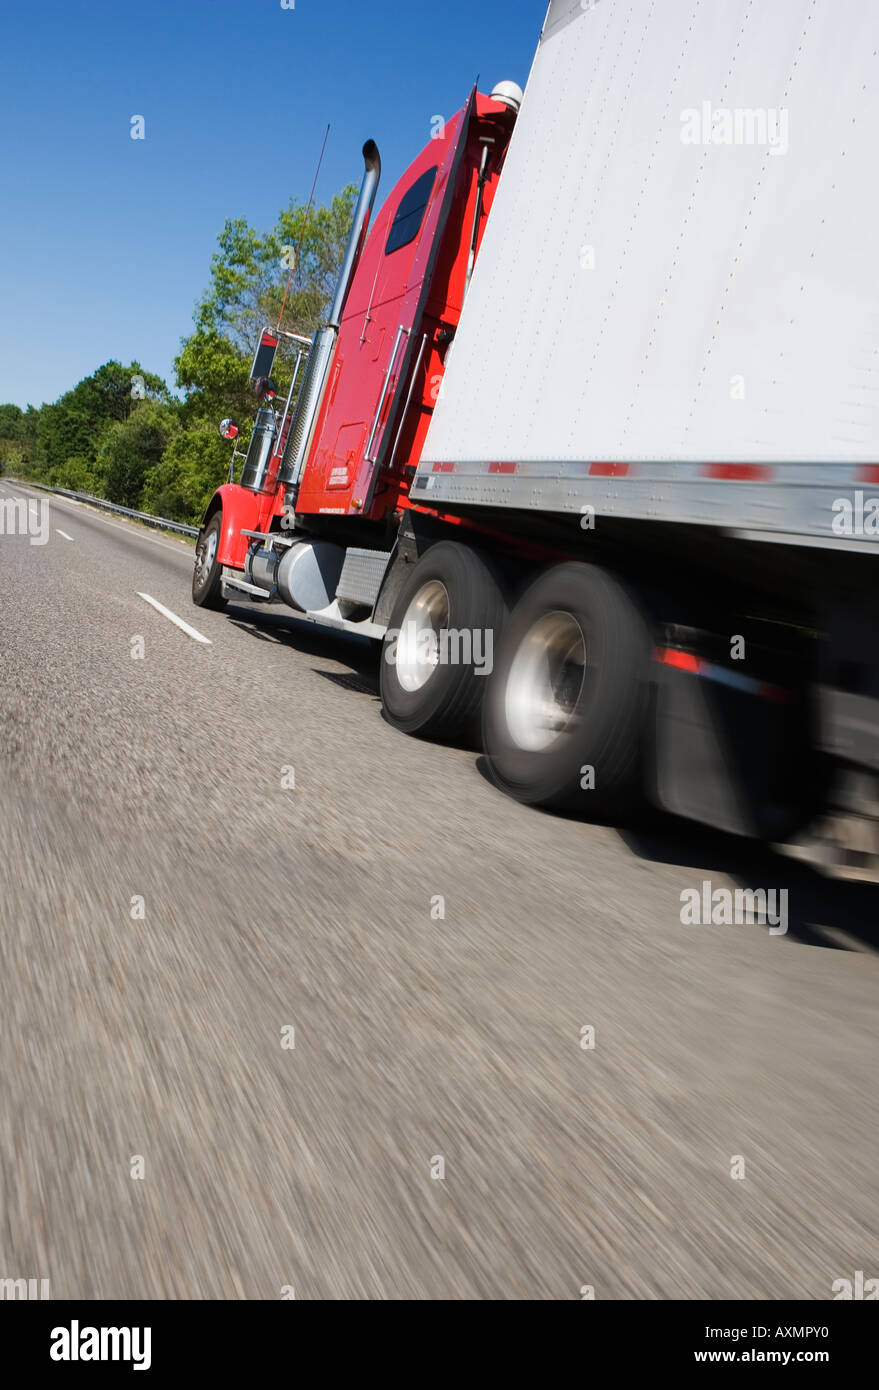 L'angle de vue du côté de la remorque du tracteur sur la route Photo Stock